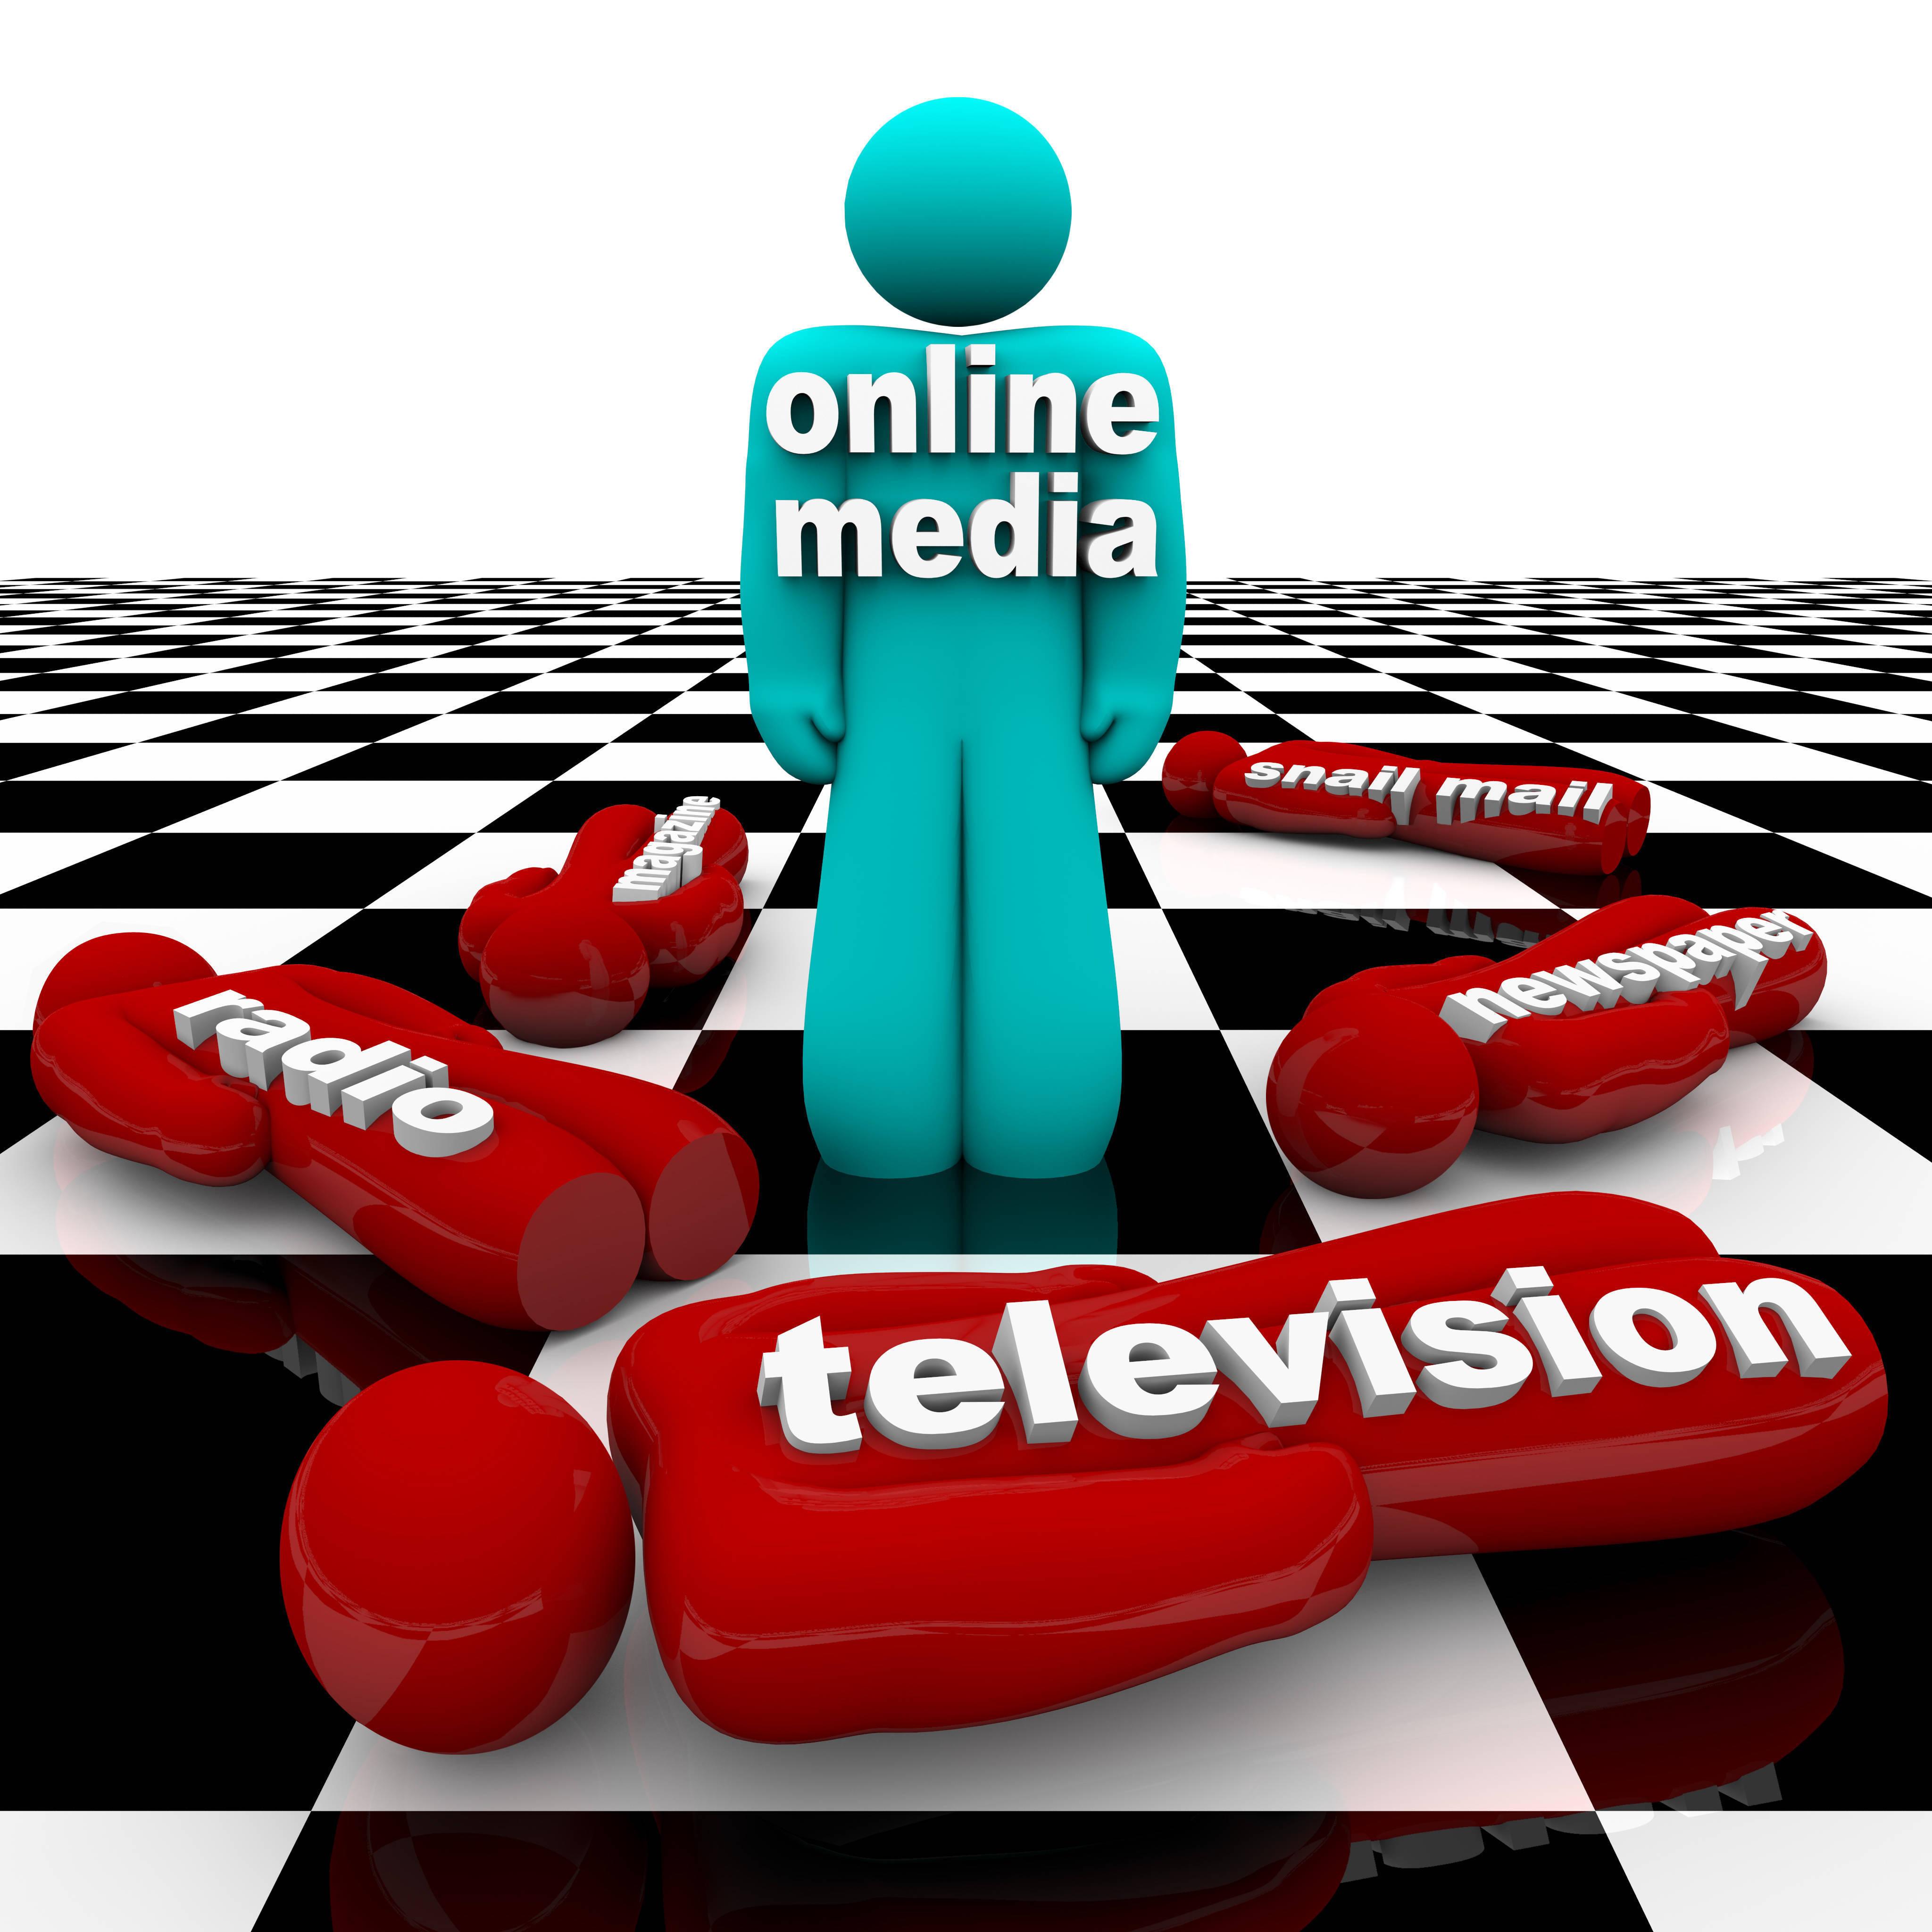 Lower Merion print news falls below social media